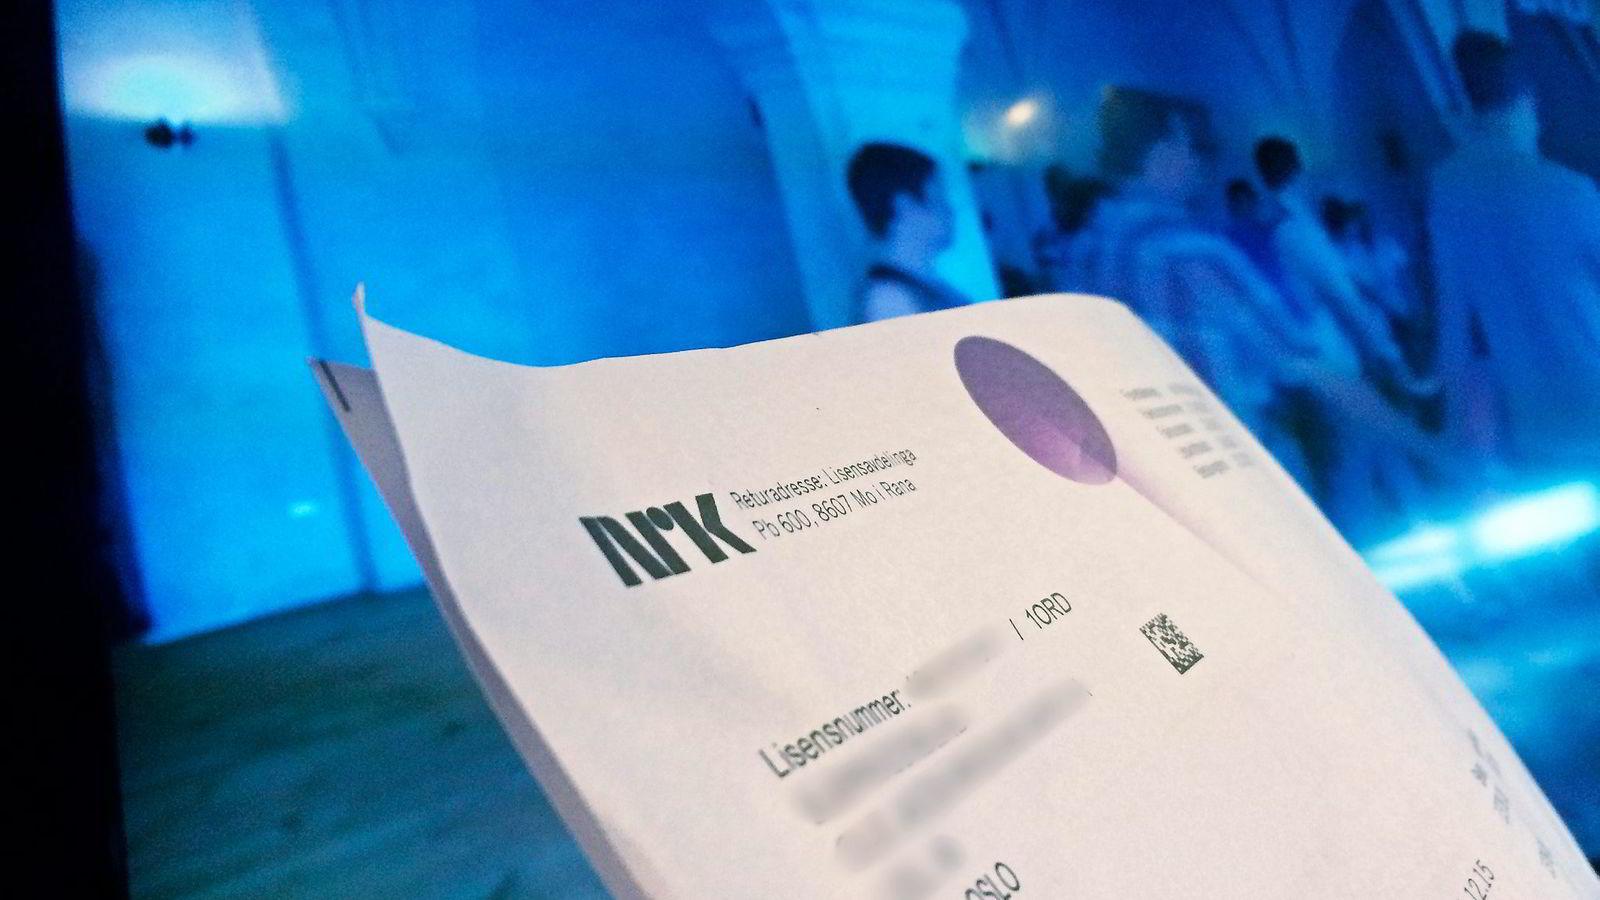 NRK henter inn nesten 100 millioner kroner ekstra i året fra sene lisensbetalere.